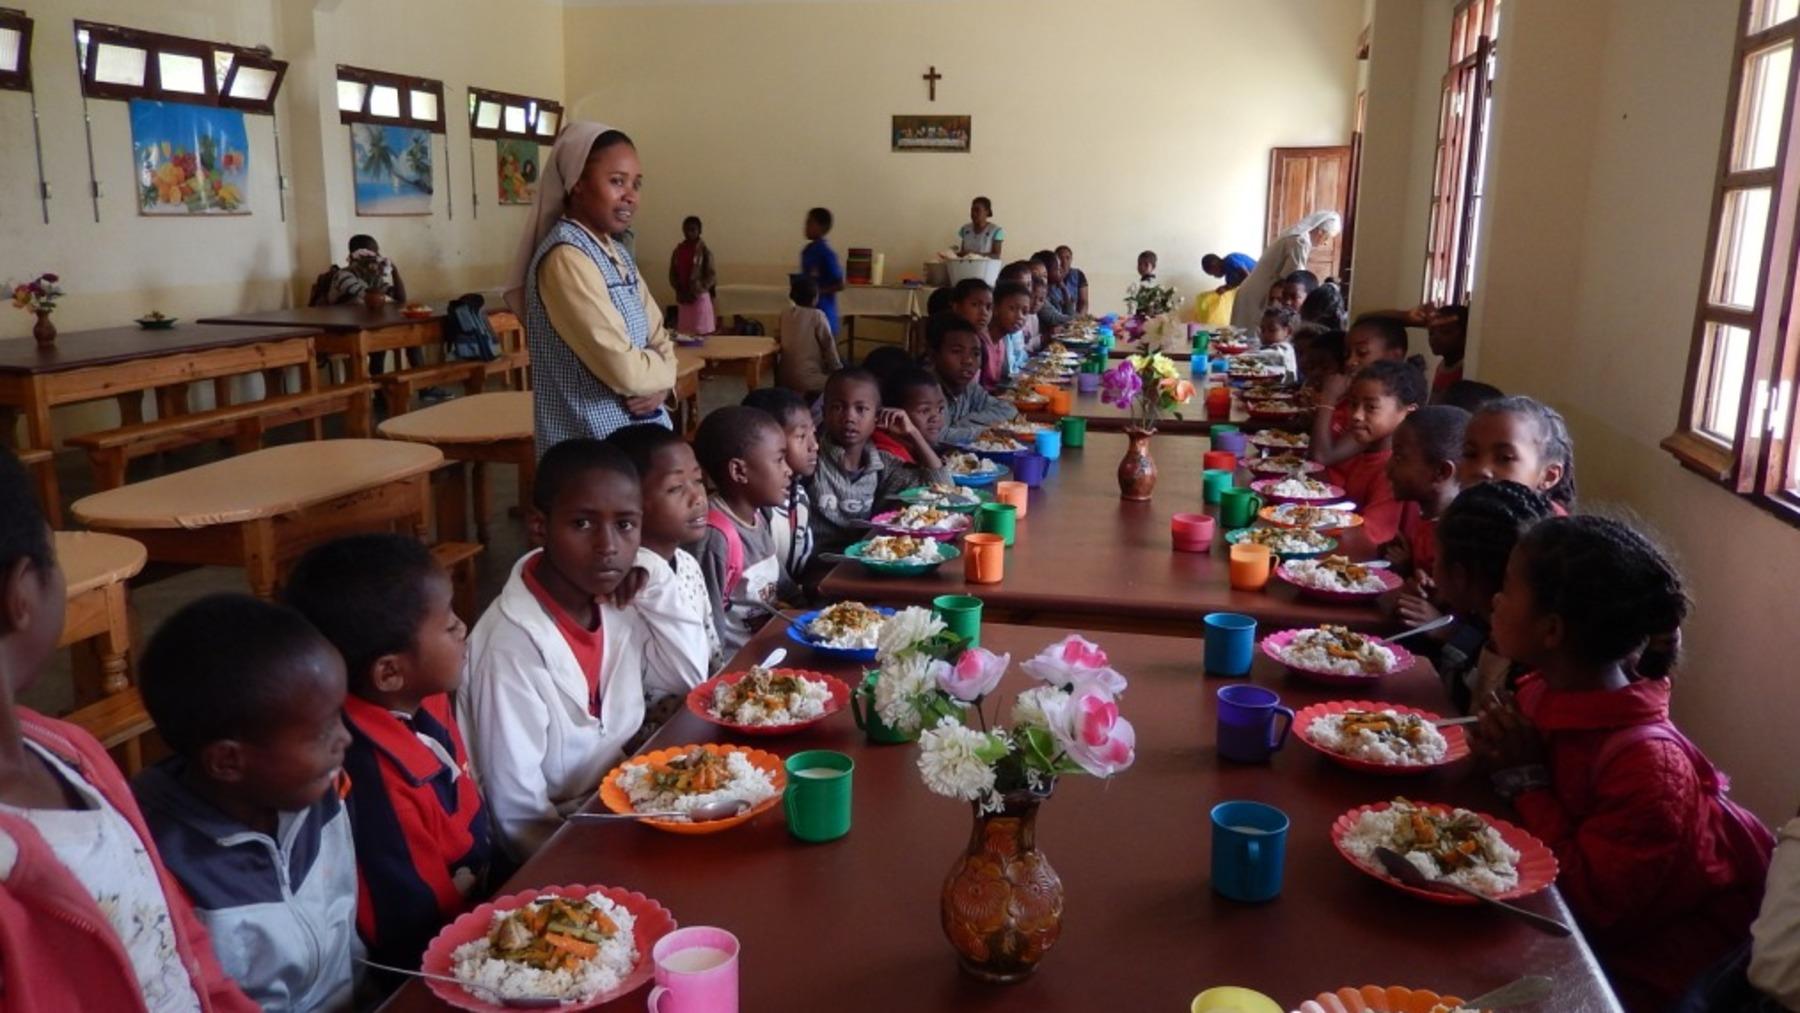 Une lueur d'avenir : Education & aide alimentaire aux enfants malgaches